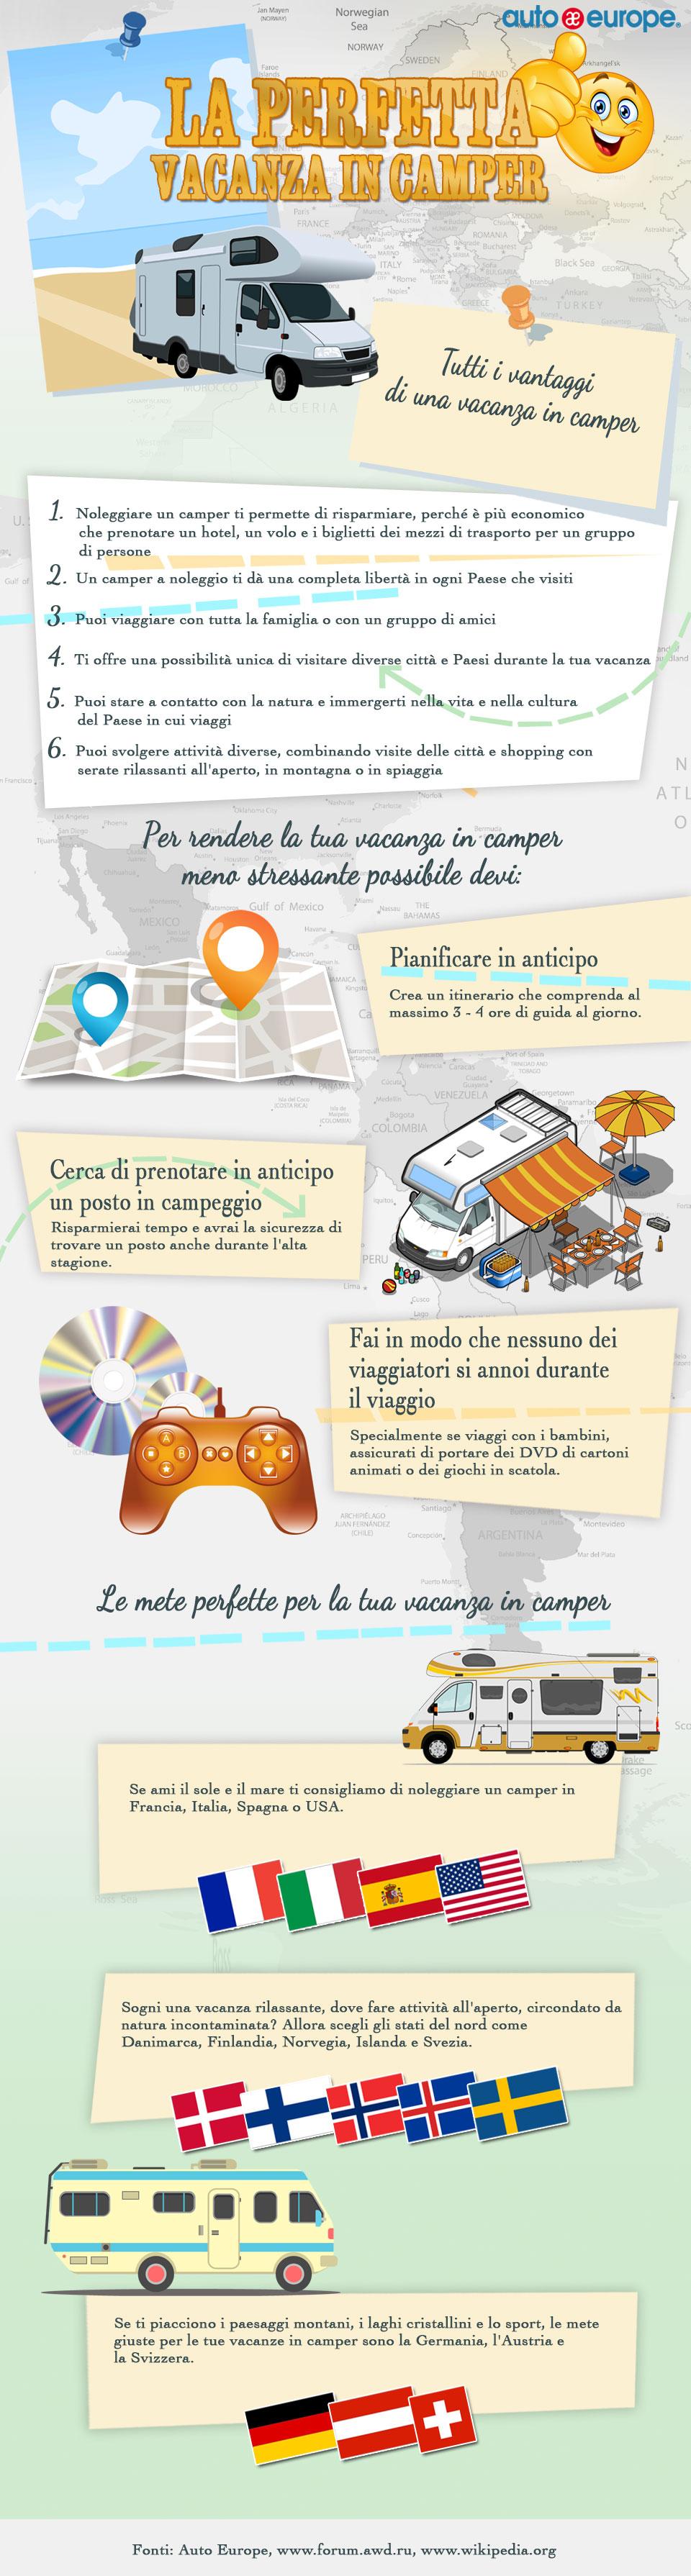 Infografica - La perfetta vacanza in camper